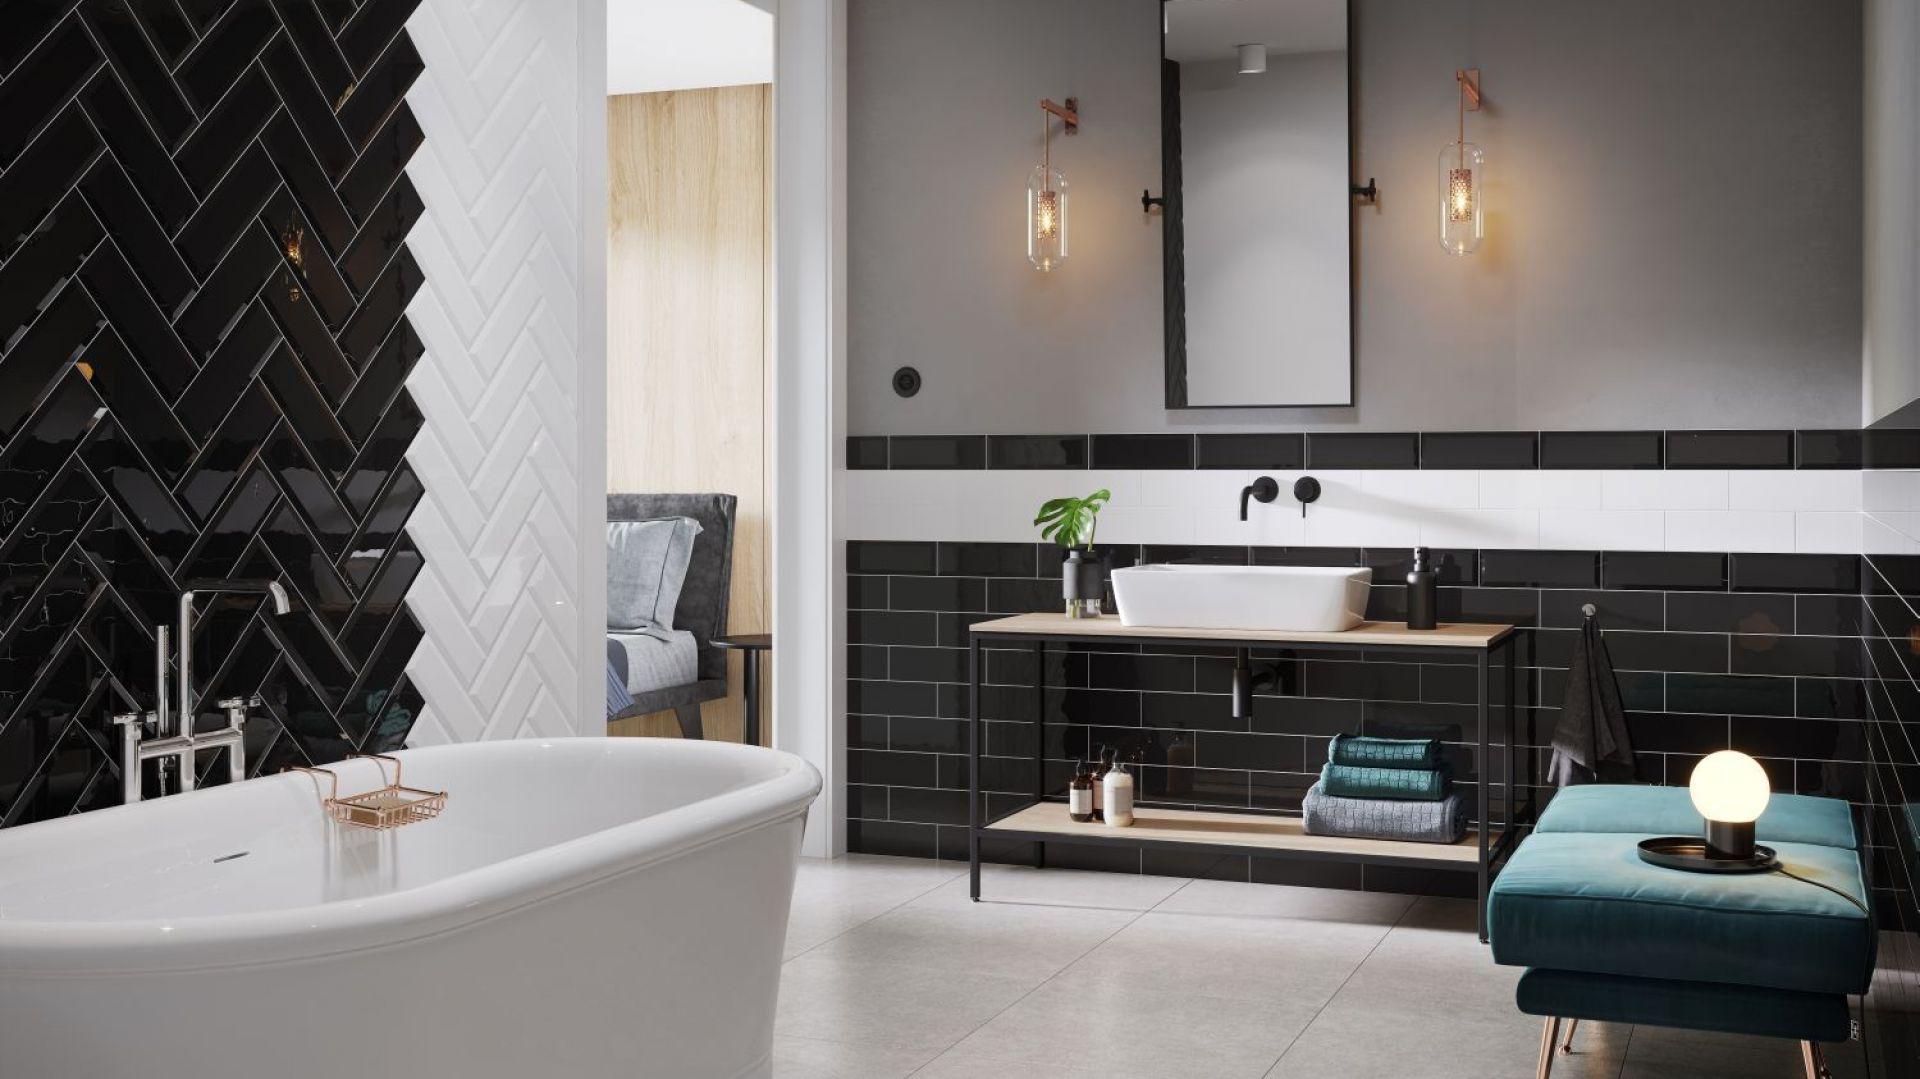 Aranżacja łazienki z płytkami jak kafle z kolekcji Salsa & Metro Style marki Opoczno. Fot. Opoczno